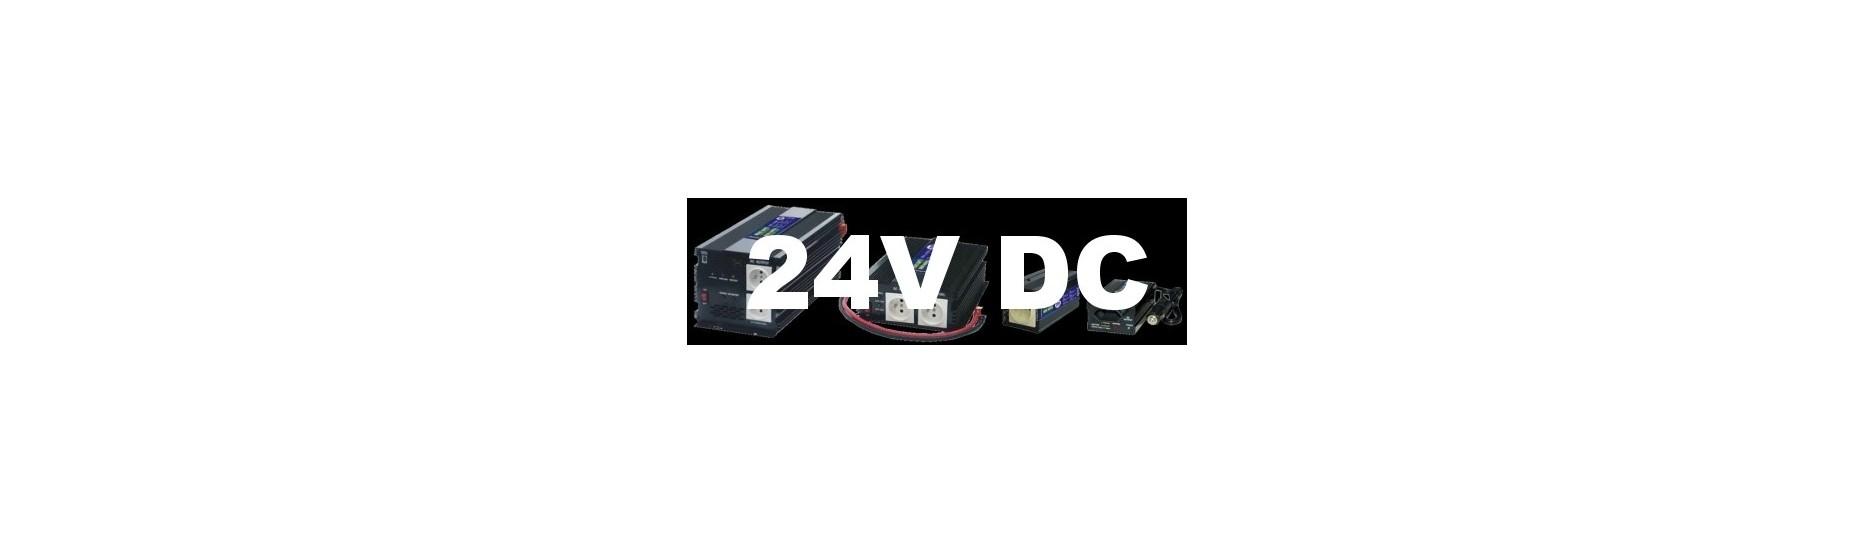 Měniče, invertory AC/DC na 24V